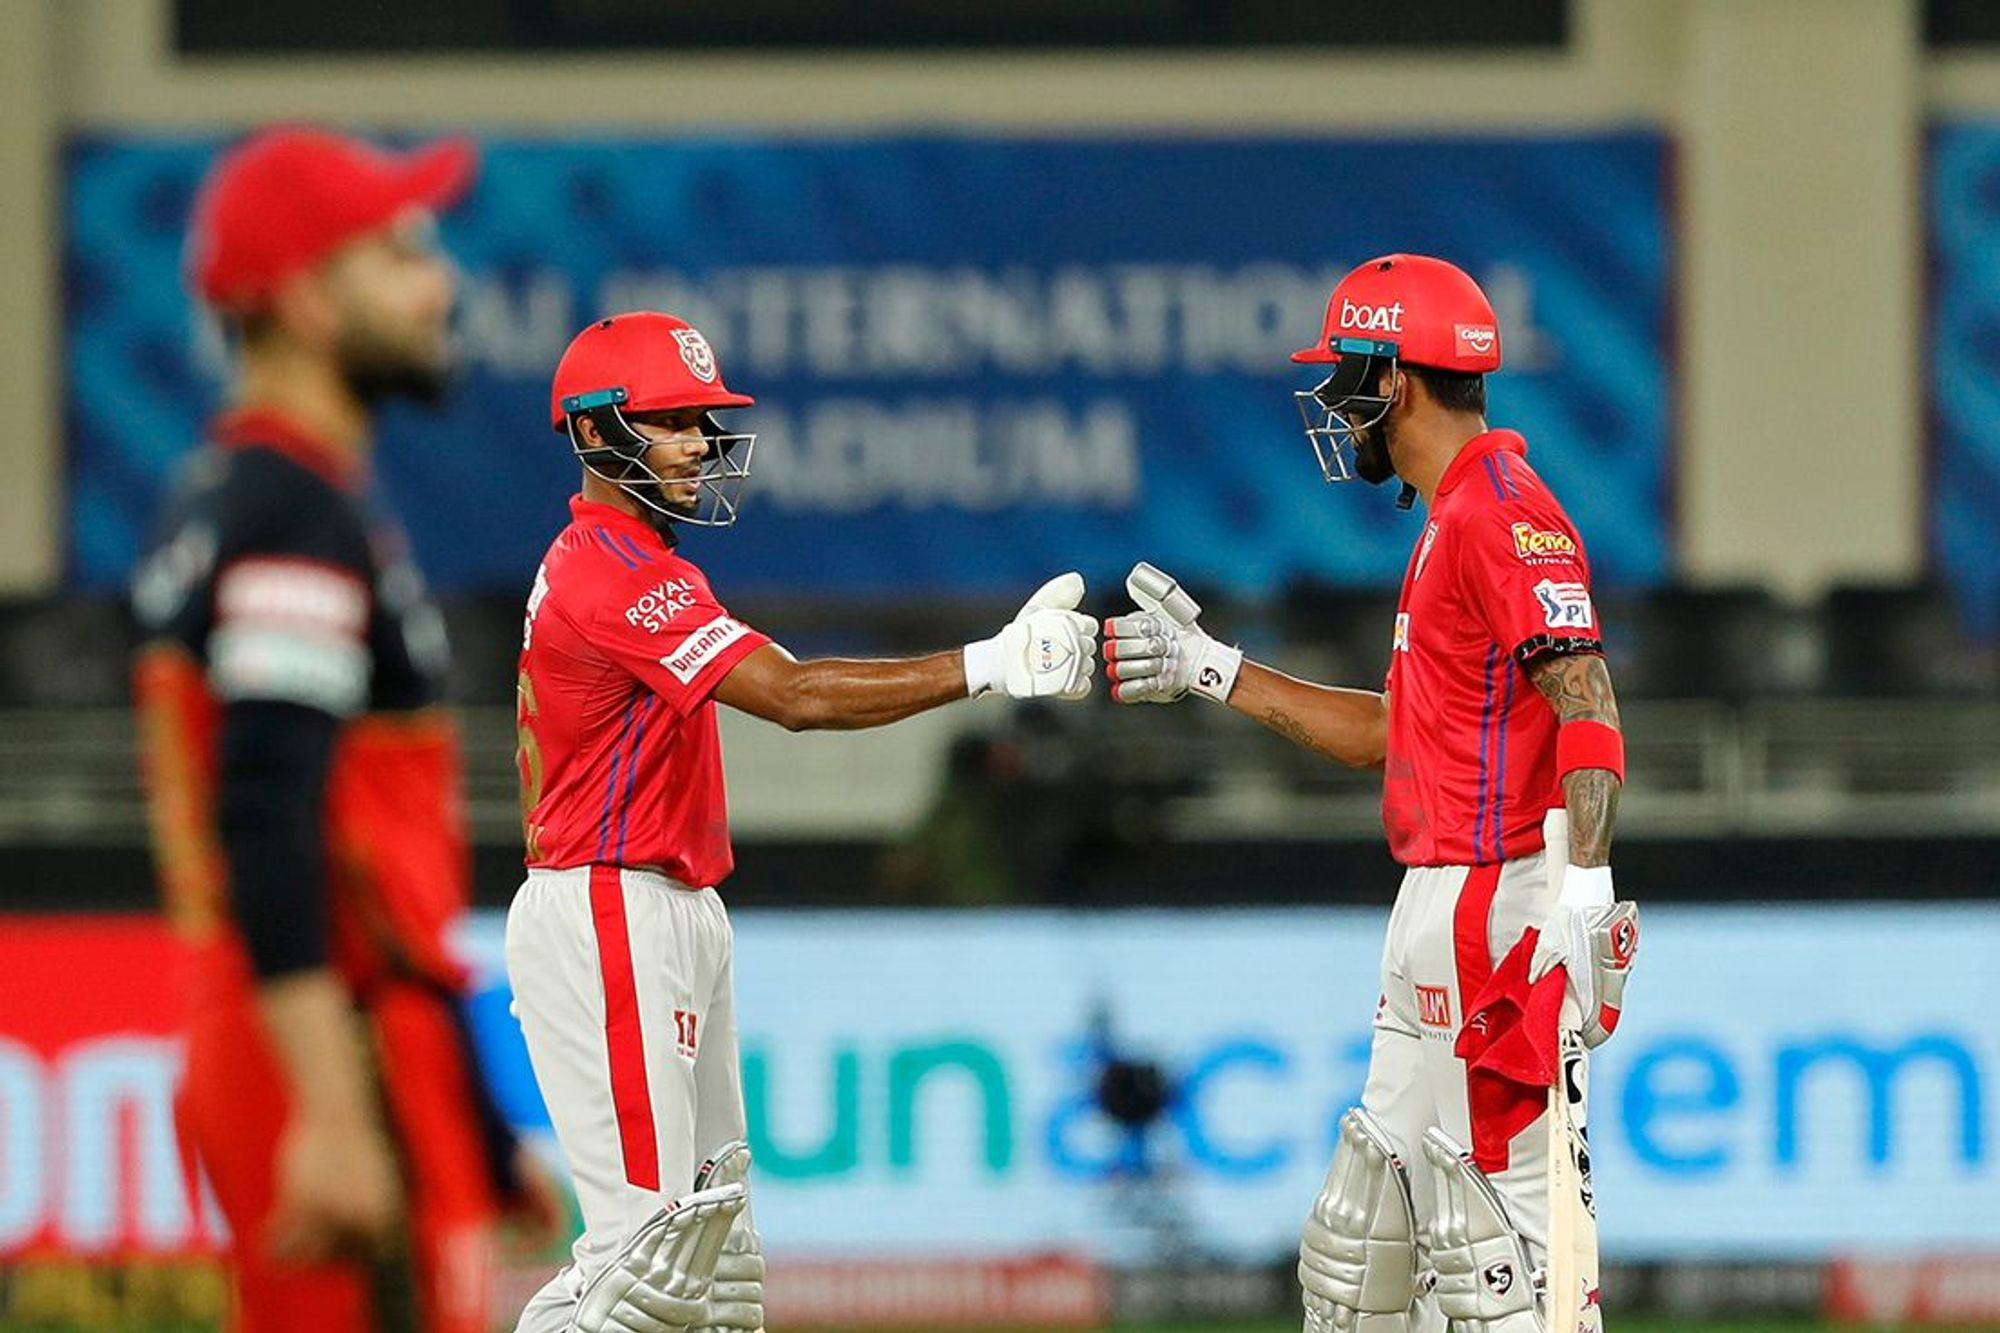 IPL 2020: इस सीजन में पहले 6 मैचों के बाद इन 2 खिलाड़ियों के सिर पर है पर्पल और ओरेंज कैप 5